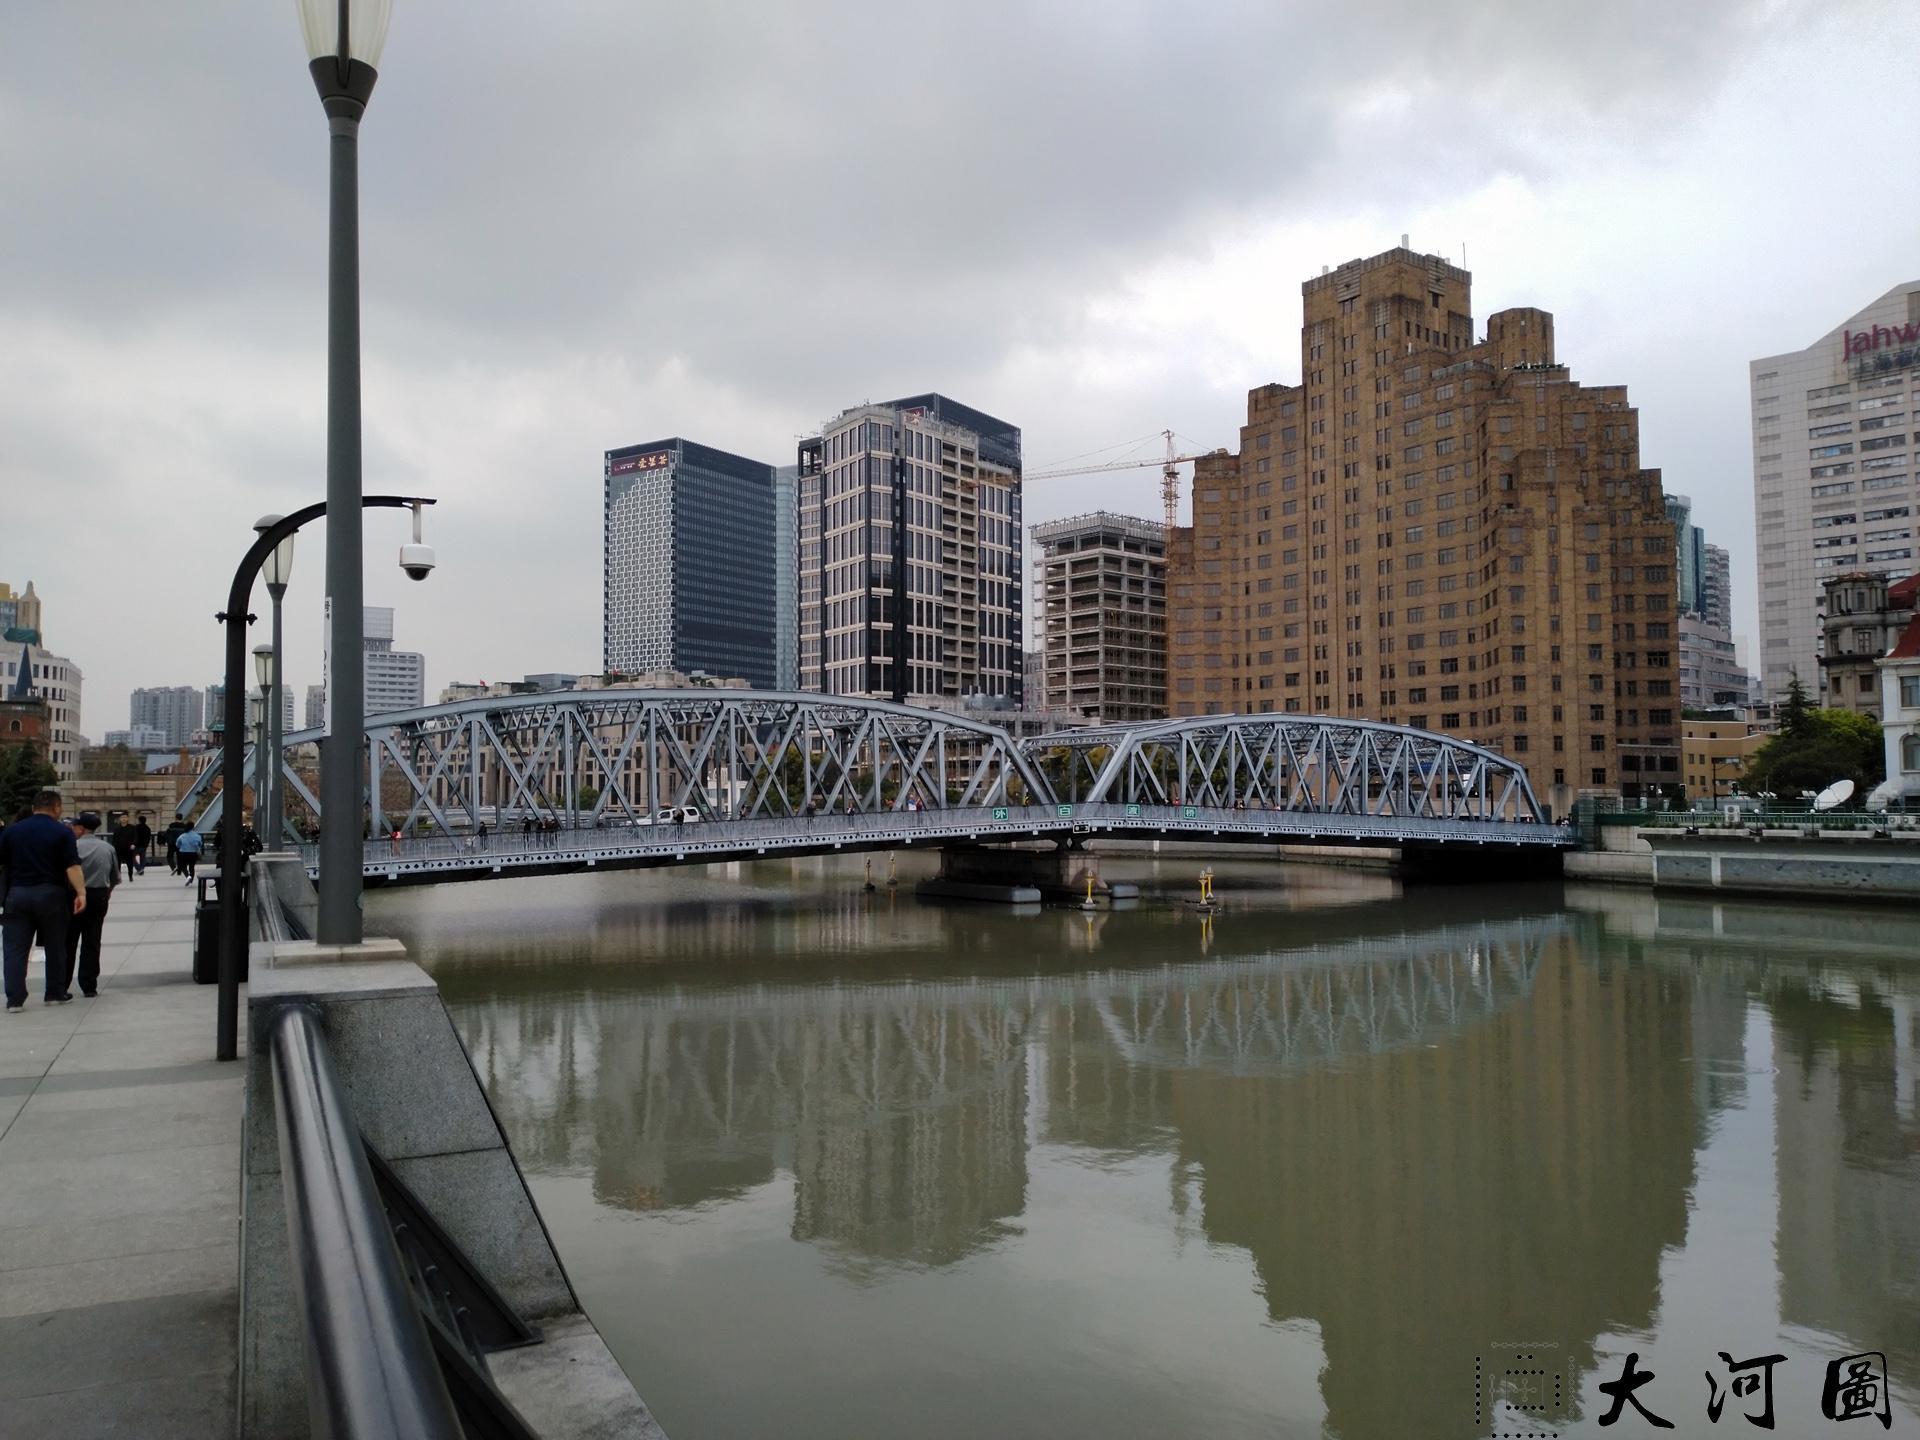 上海外白渡桥英文名称花园桥Garden Bridge of Shanghai 沧桑走过